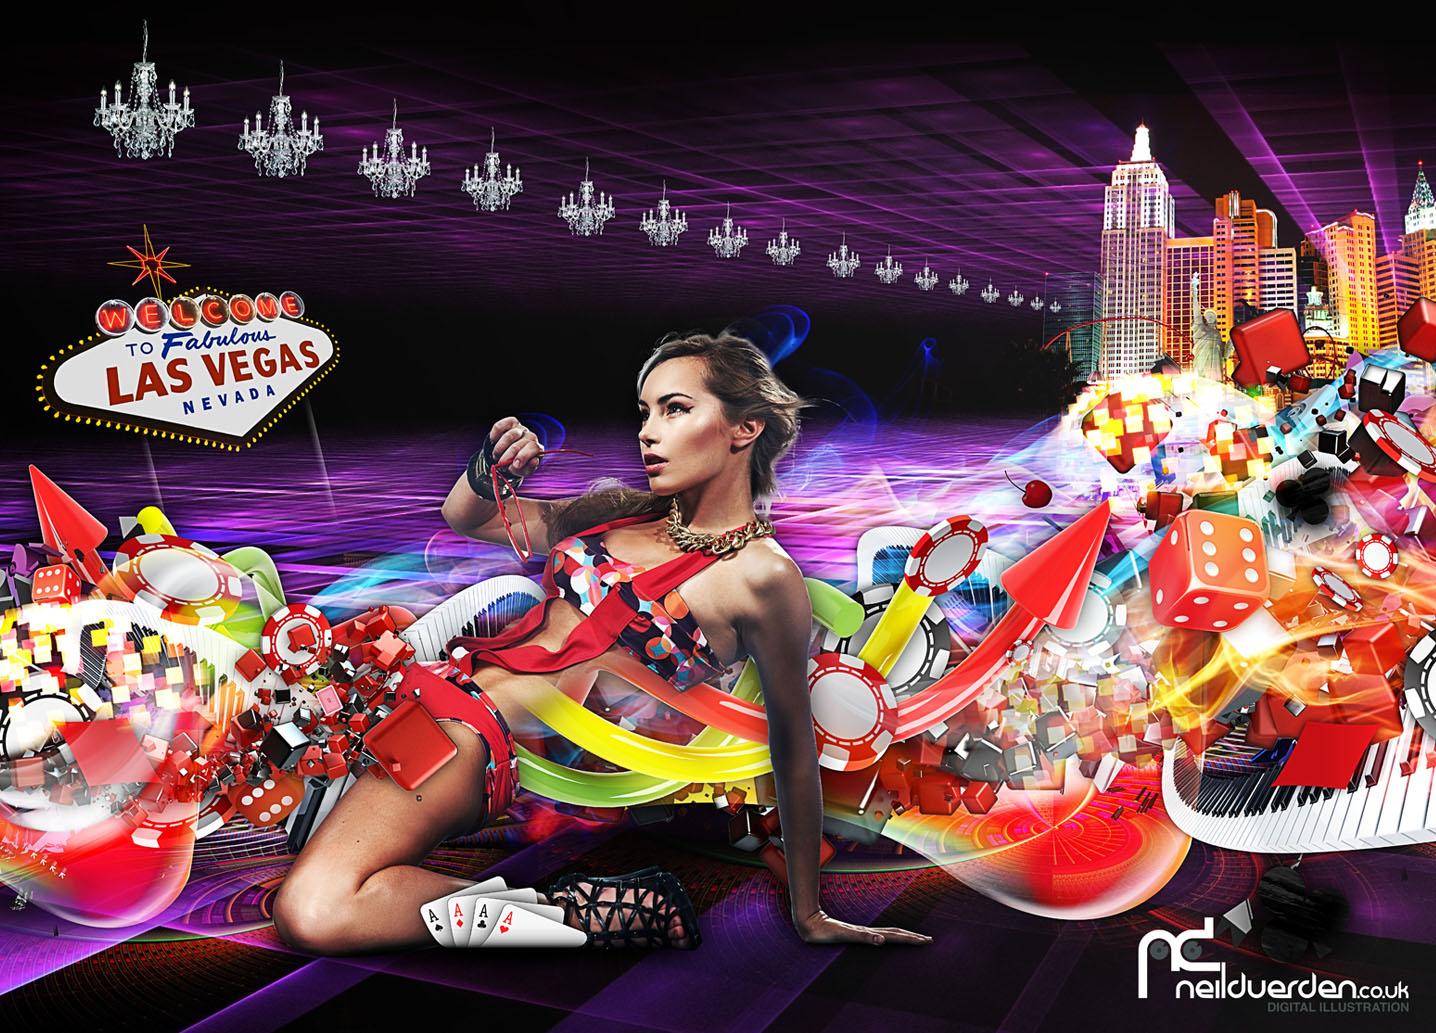 Online casino girls harrahs cherokee casino hotel nc